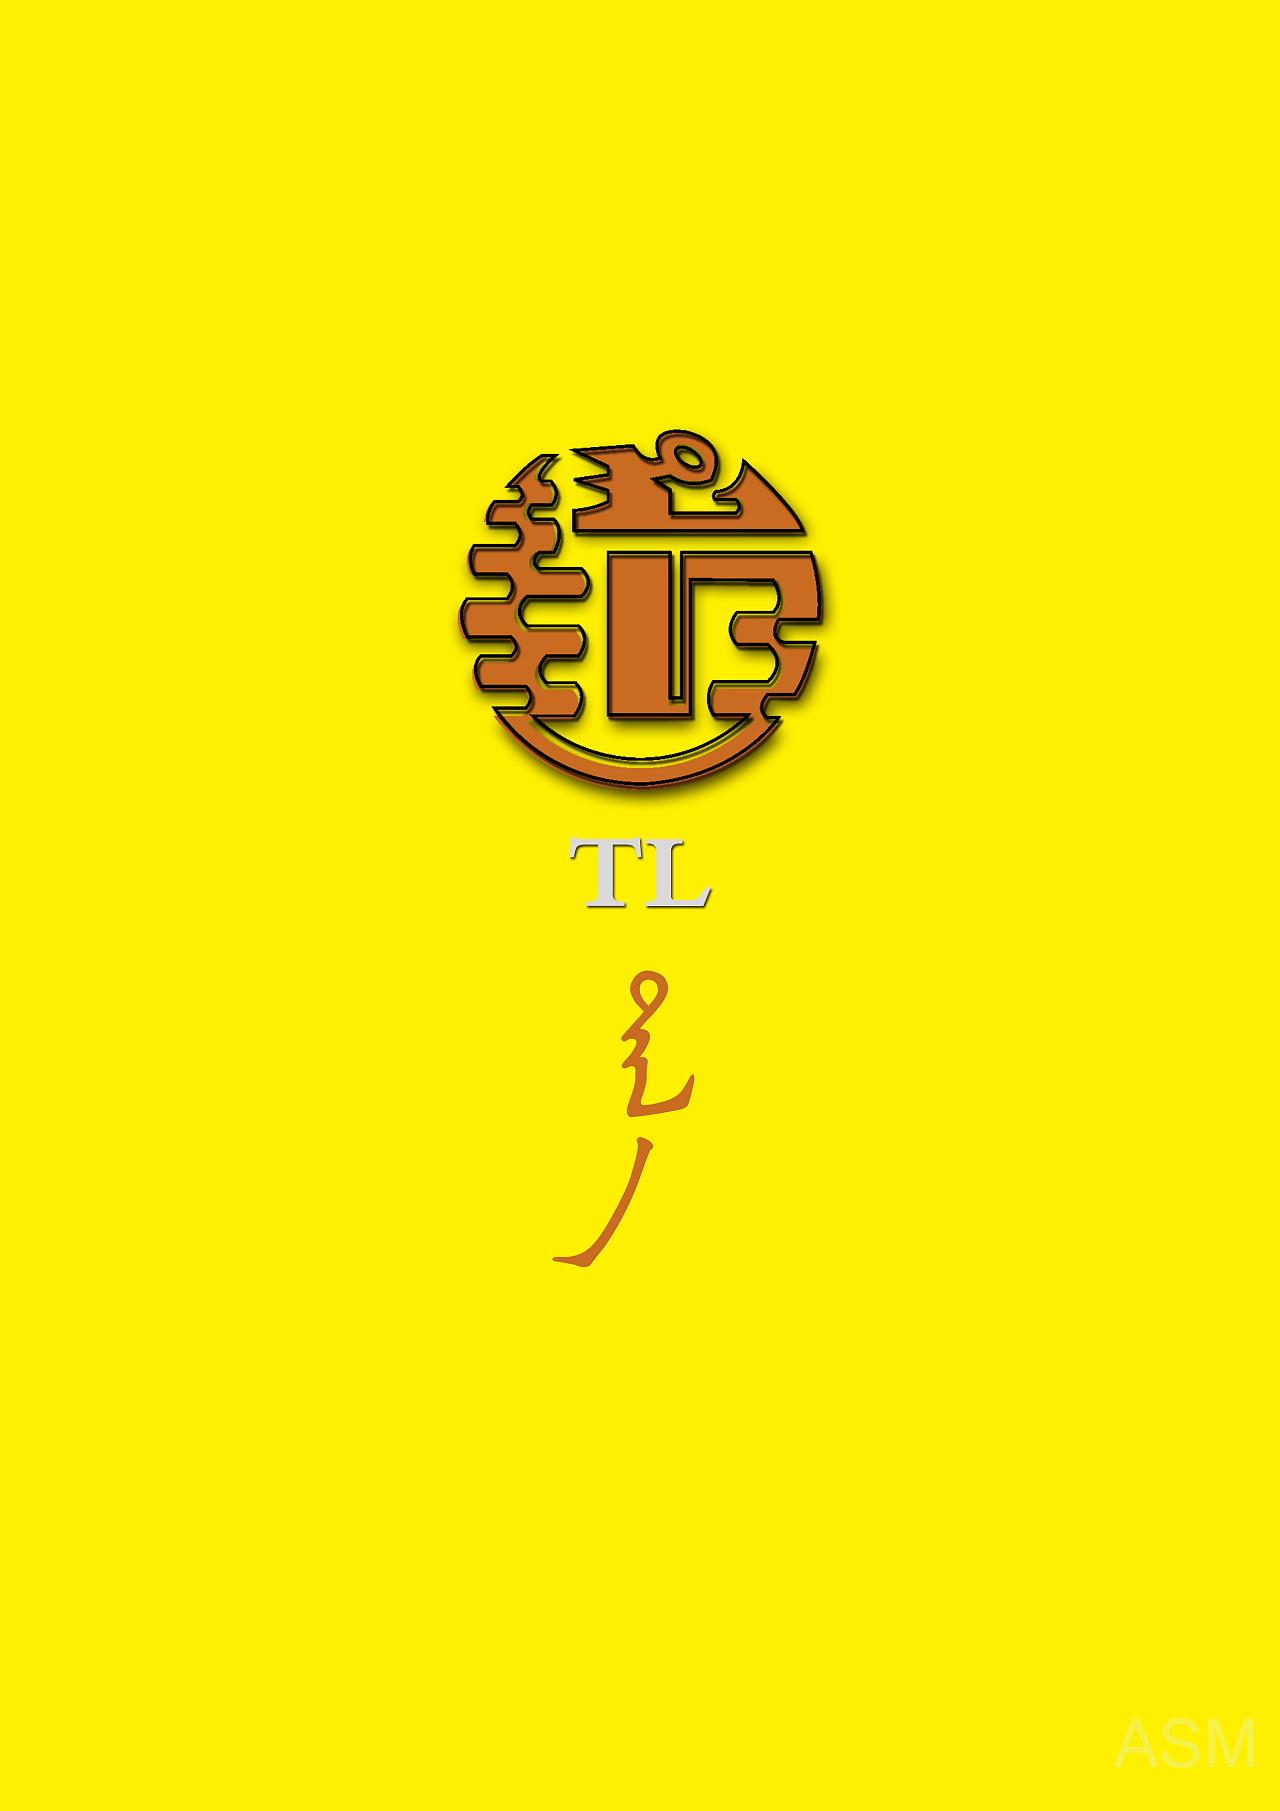 蒙古艺术文字2 -阿斯玛设计 第6张